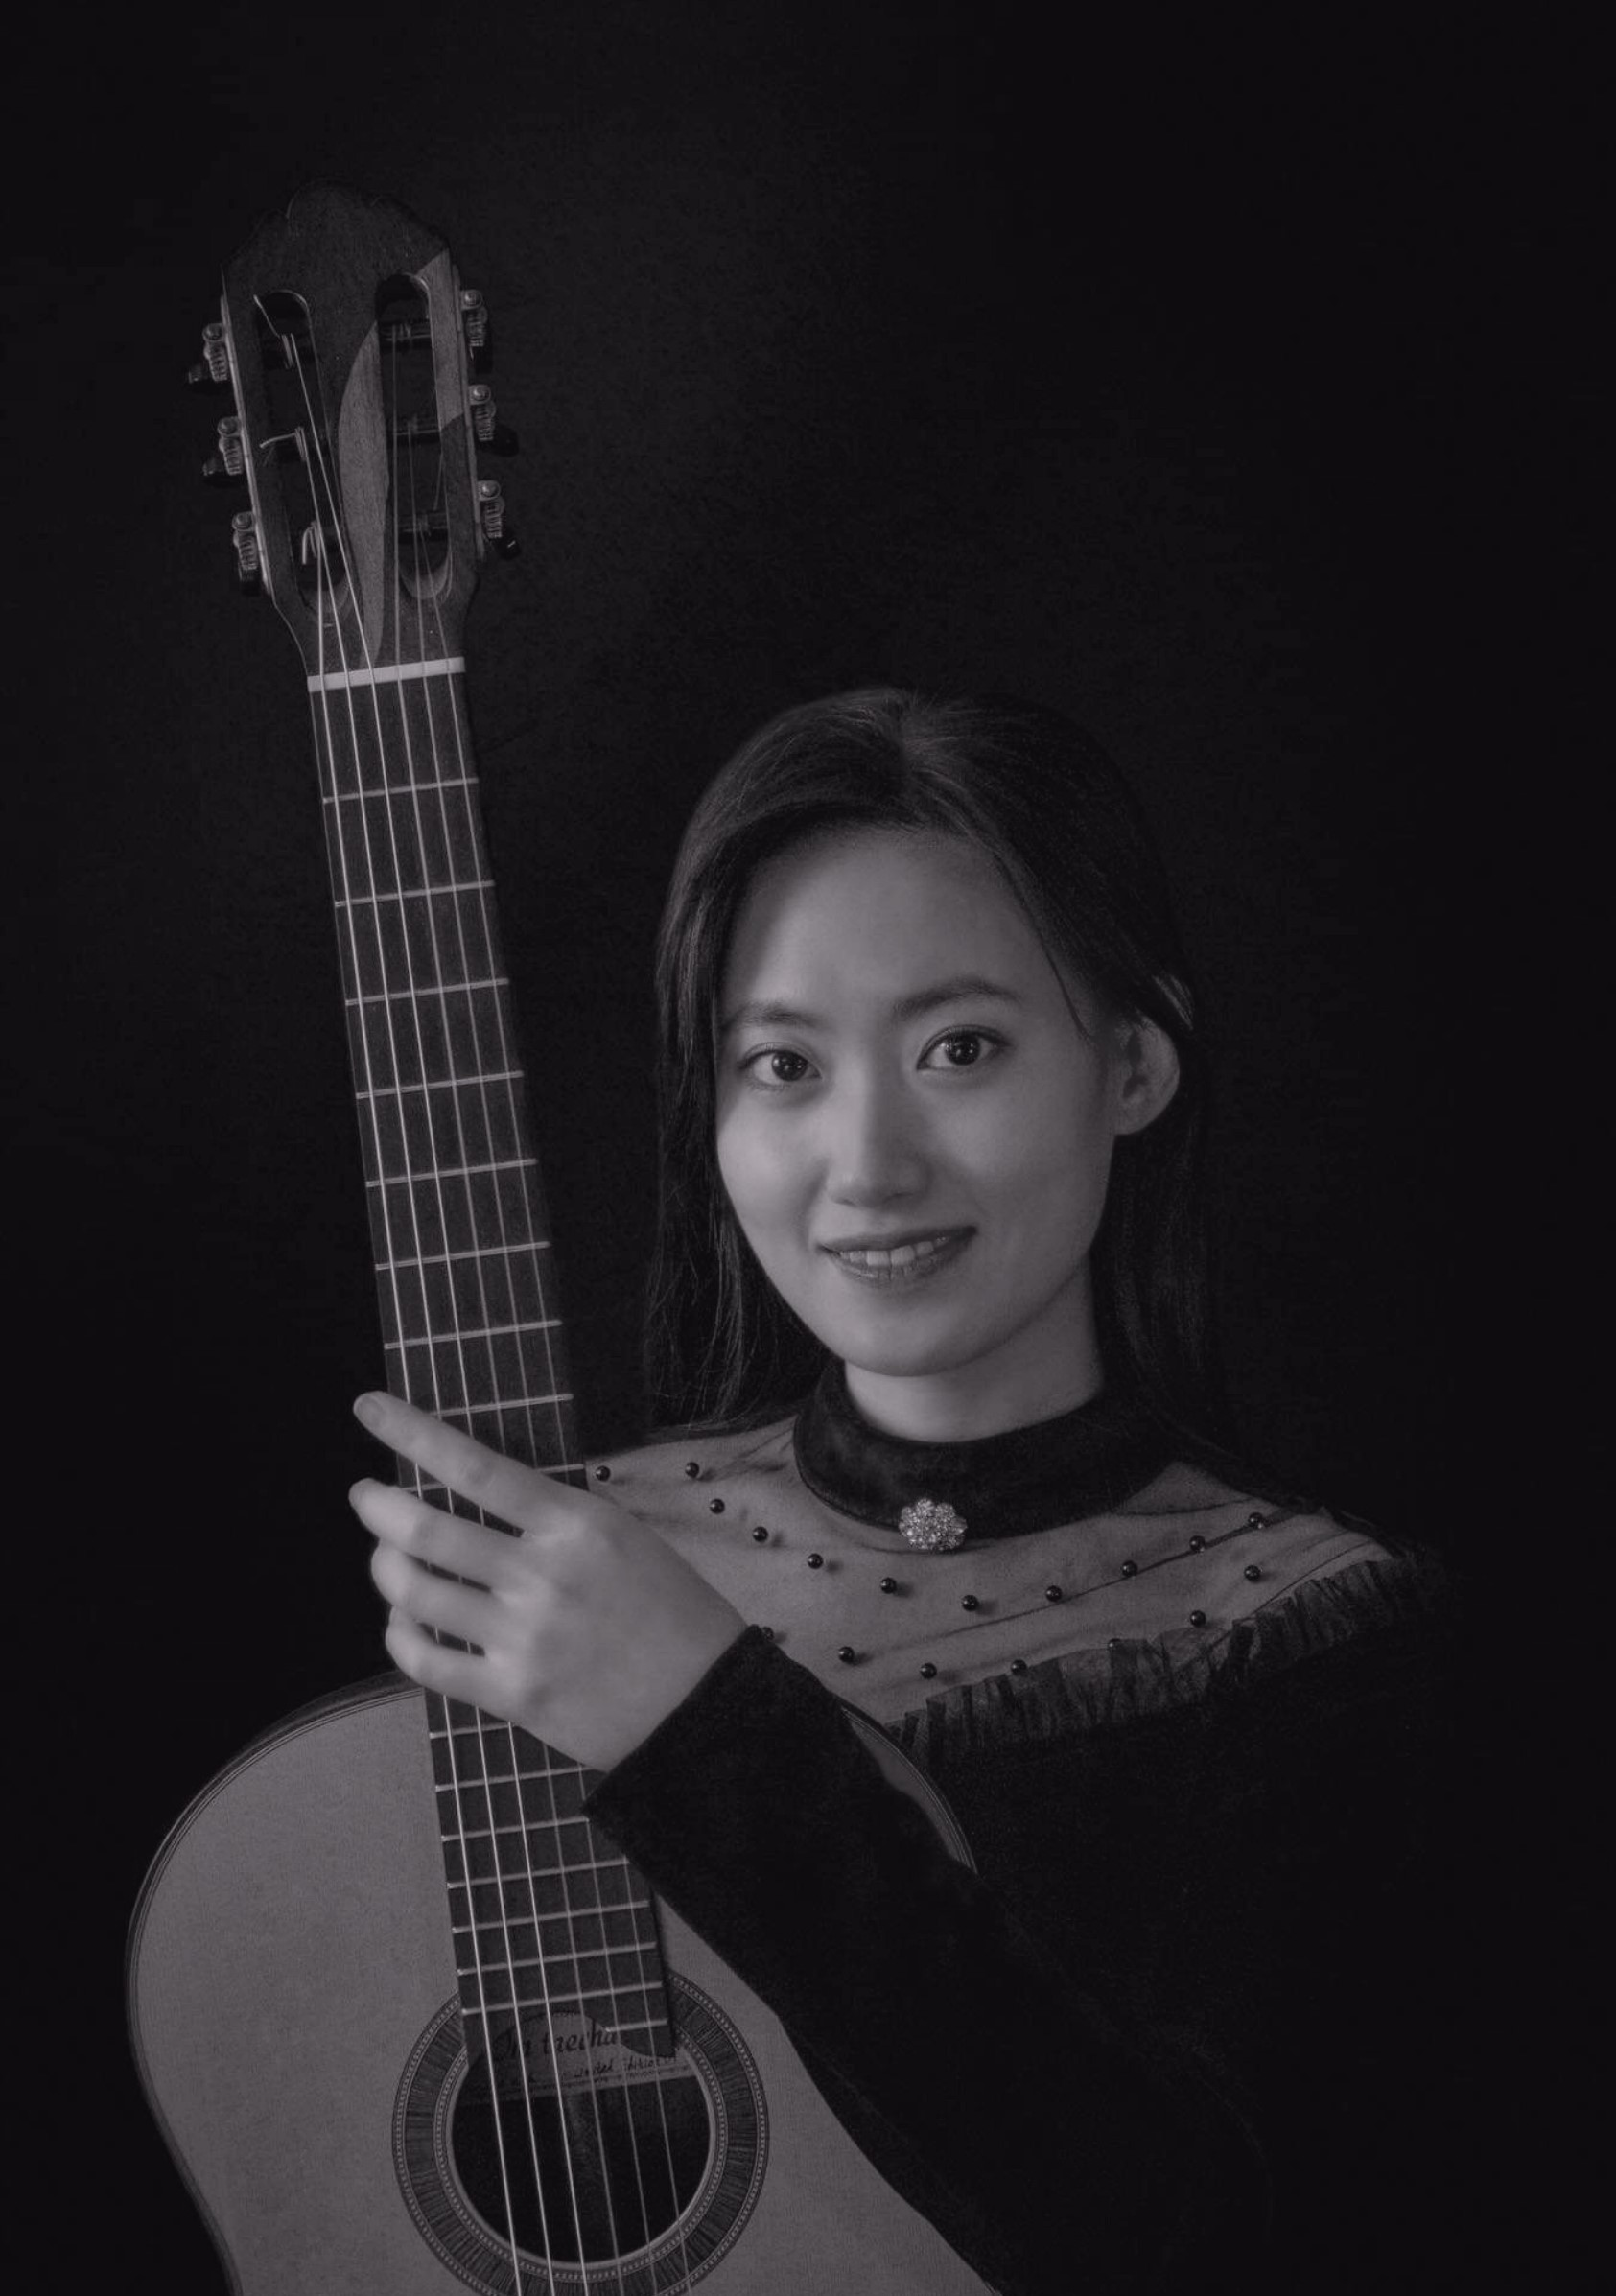 Cheng Shi